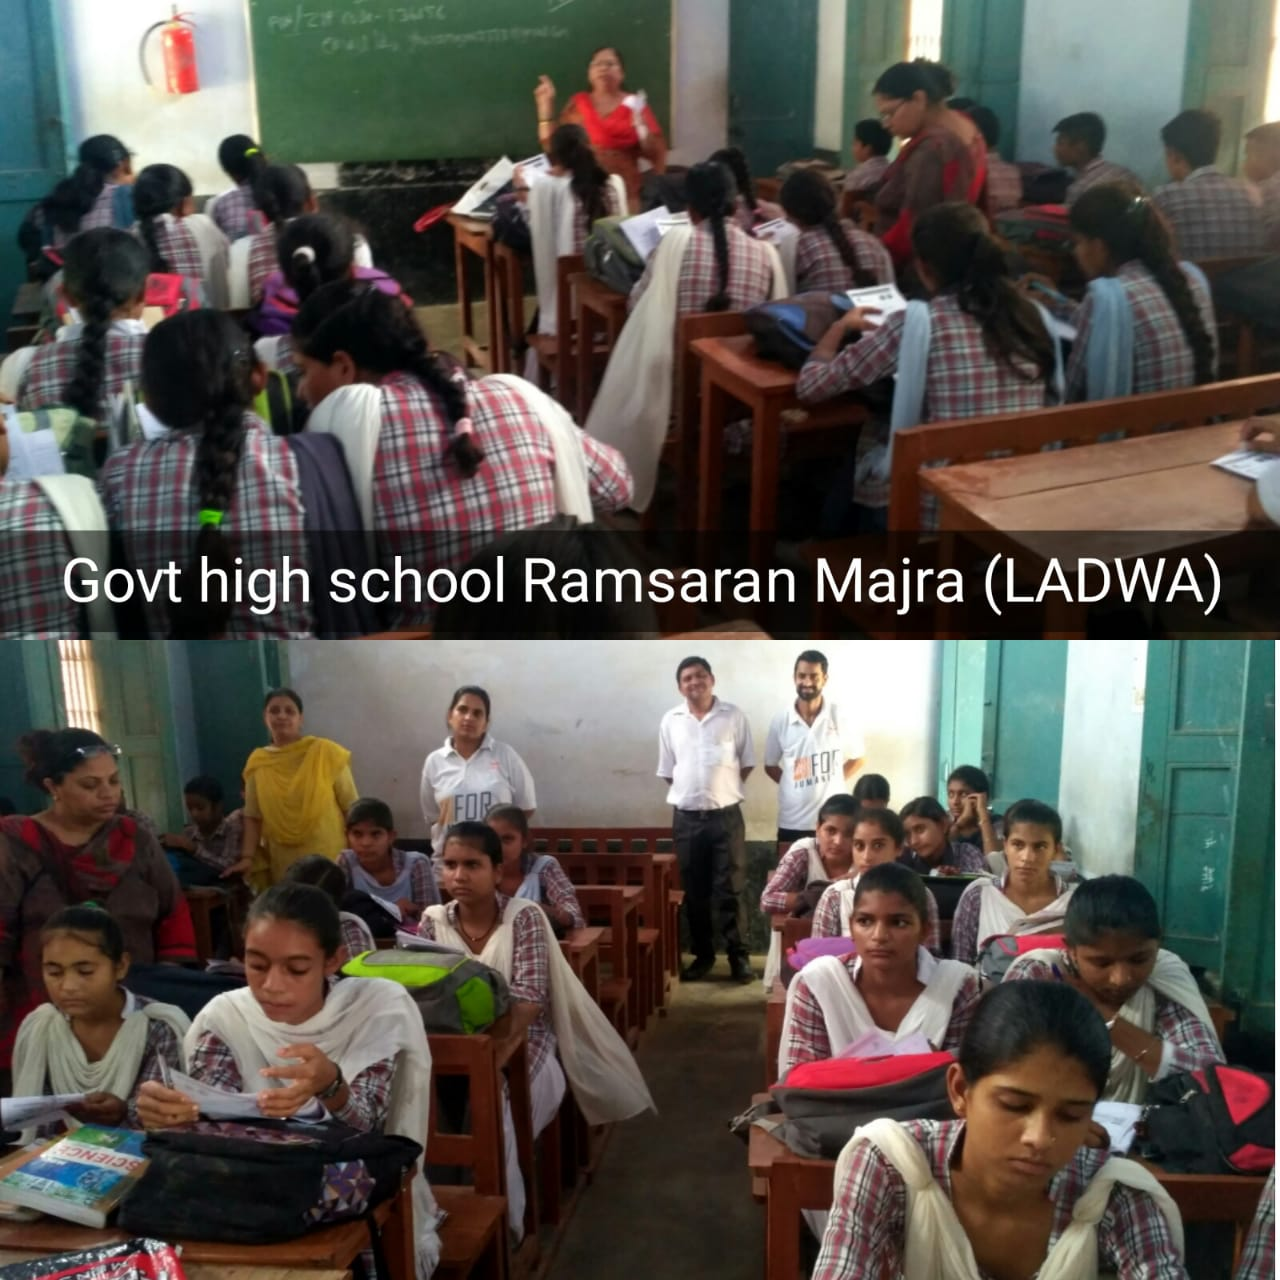 Govt. High School Ramsharan Majra Ladwa.jpeg